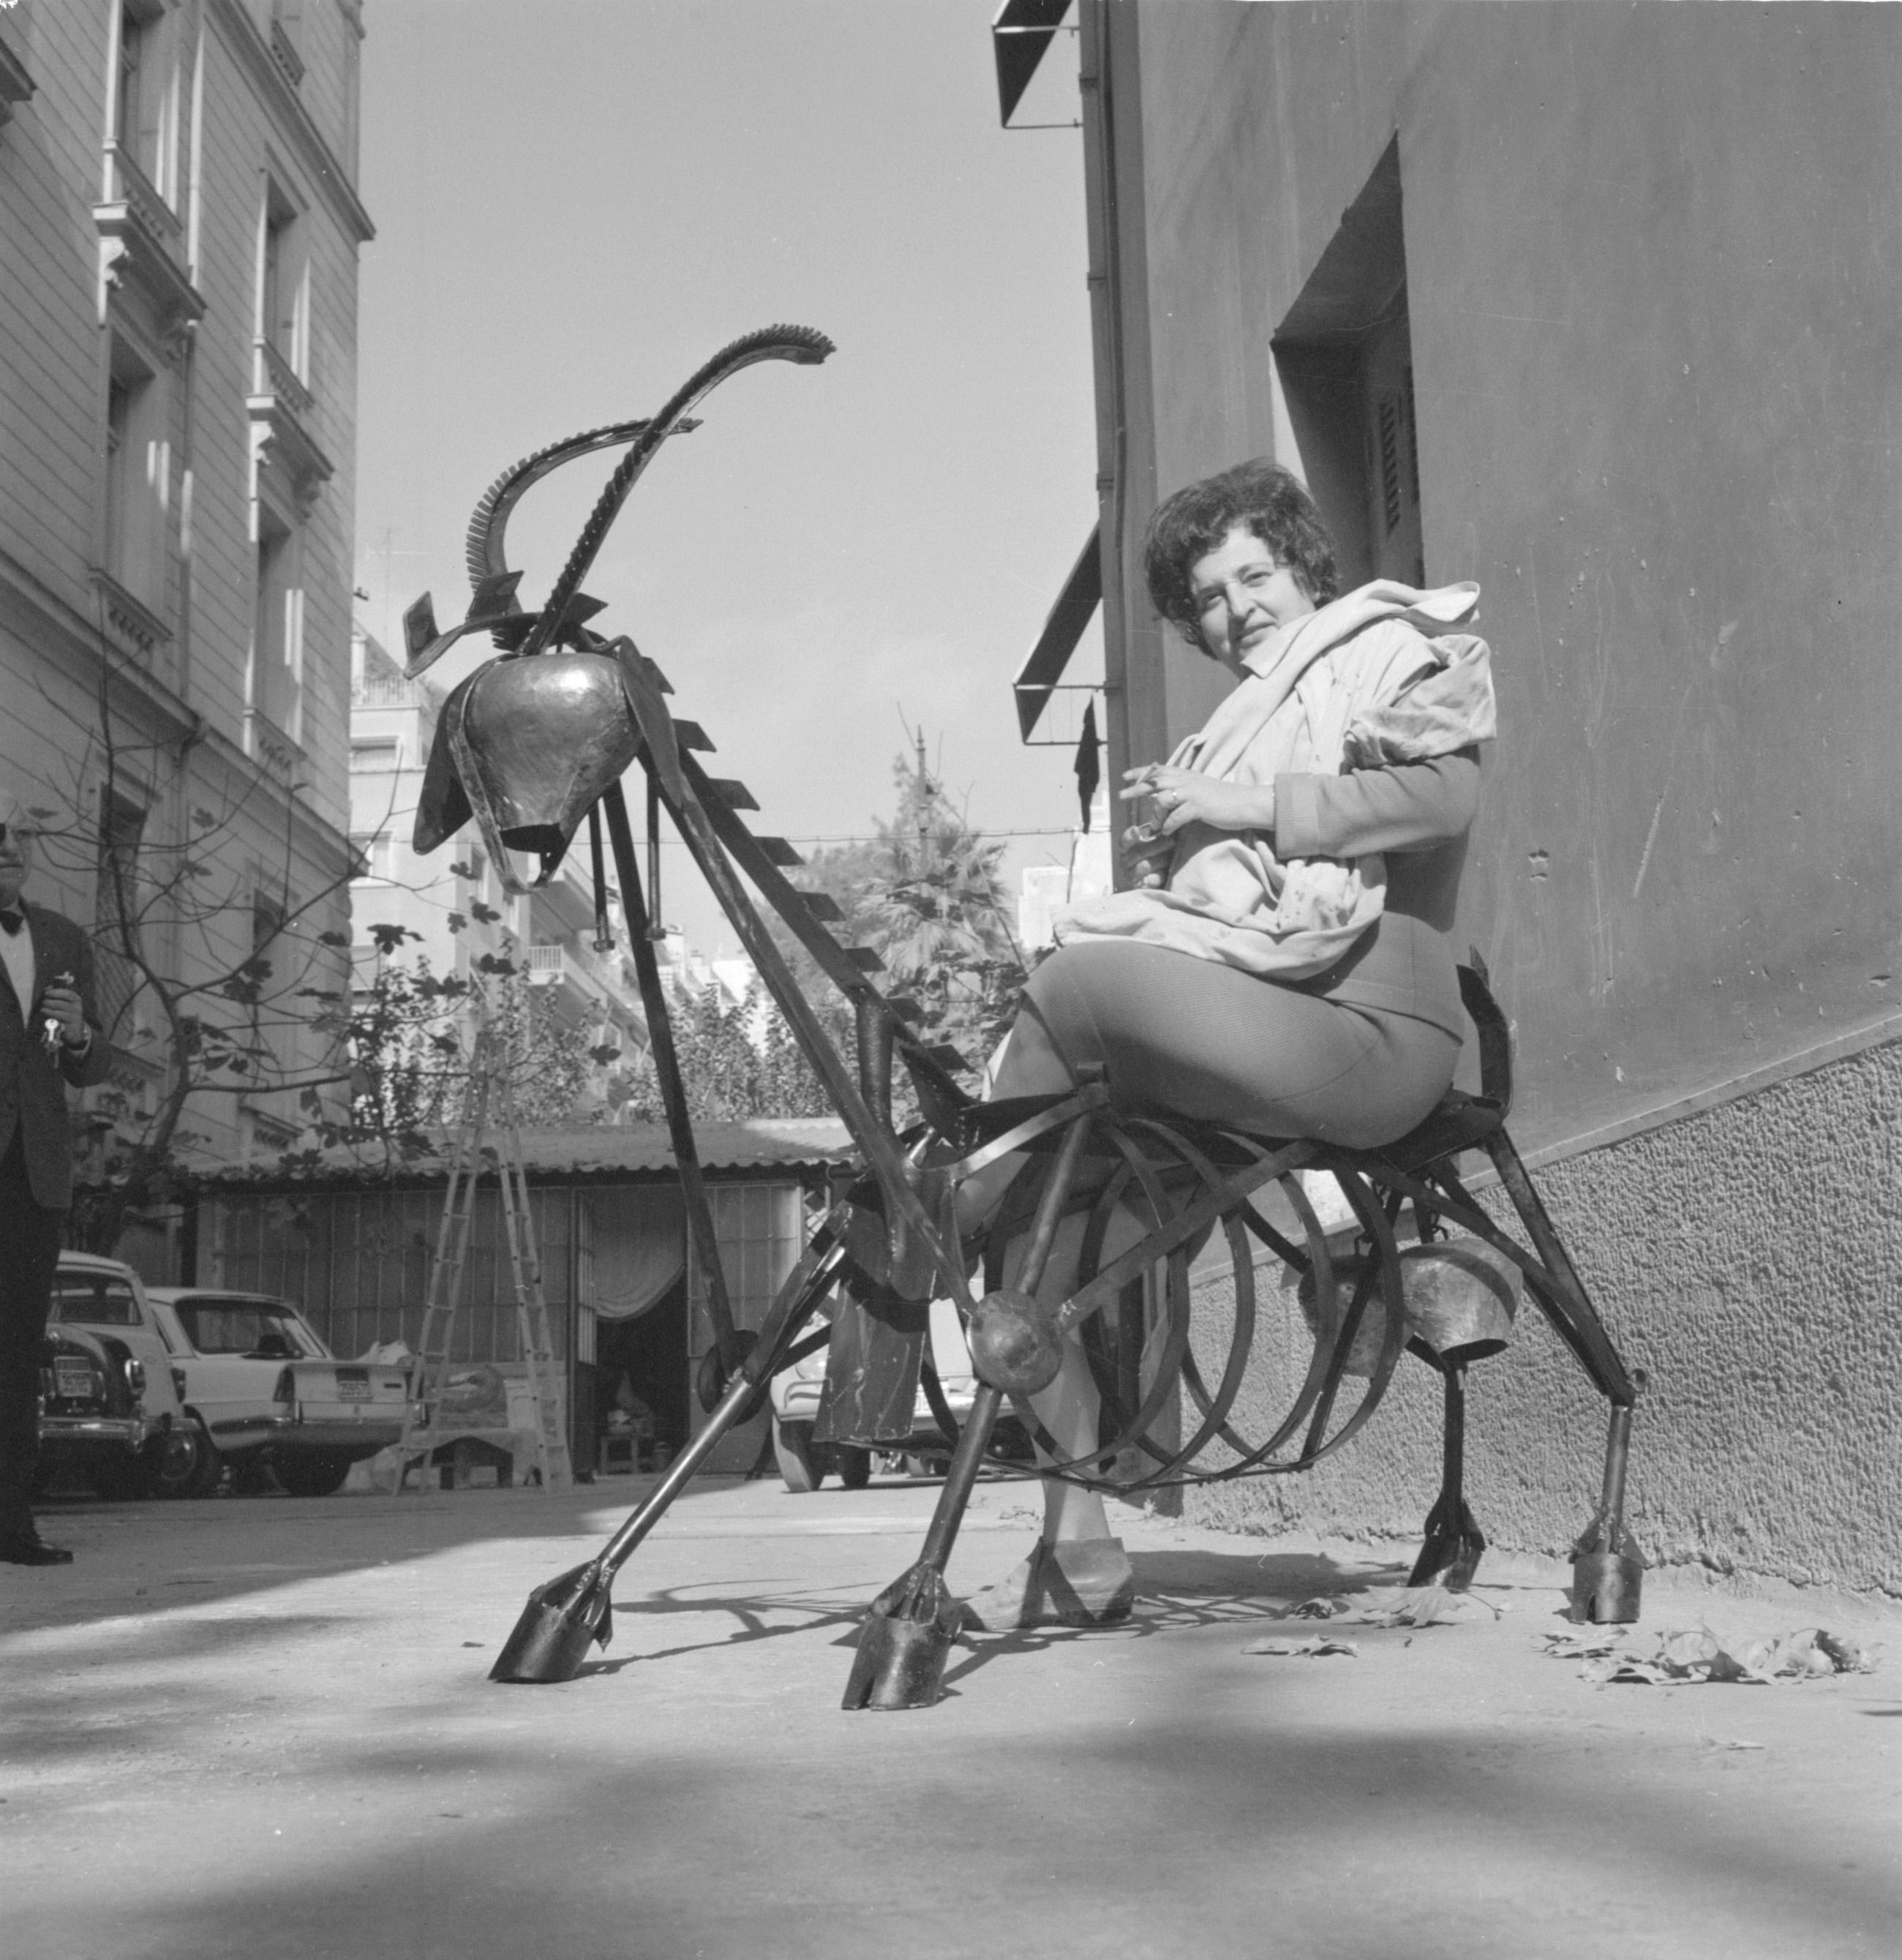 Η Ναταλία Μελά ποζάρει πάνω στο έργο της (κατσίκα) στην αυλή του εργαστηρίου της στην οδό Μουρούζη, Αθήνα, δεκαετία 1960